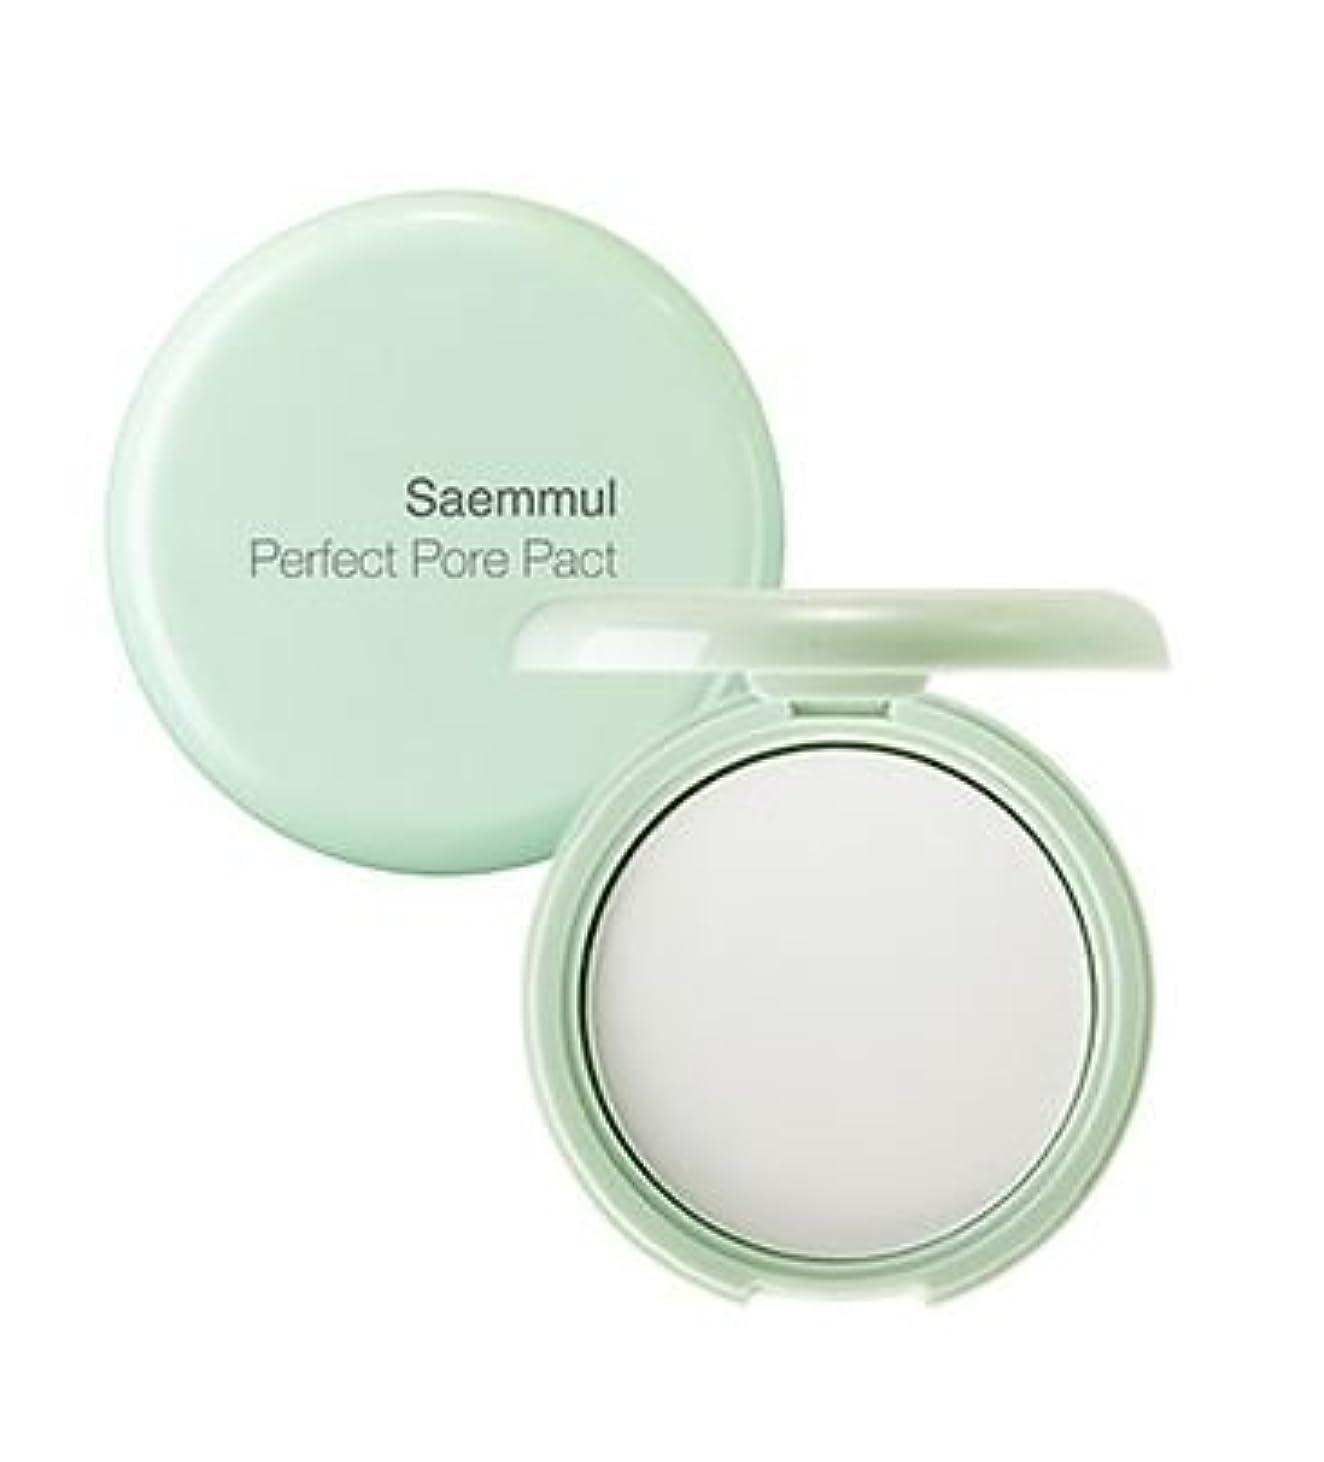 にやにや鮫ヘッドレスザセム[The Saem]センムルセンムルポアパーフェクトパクト The Saem Saemmul Perfect Pore Pact